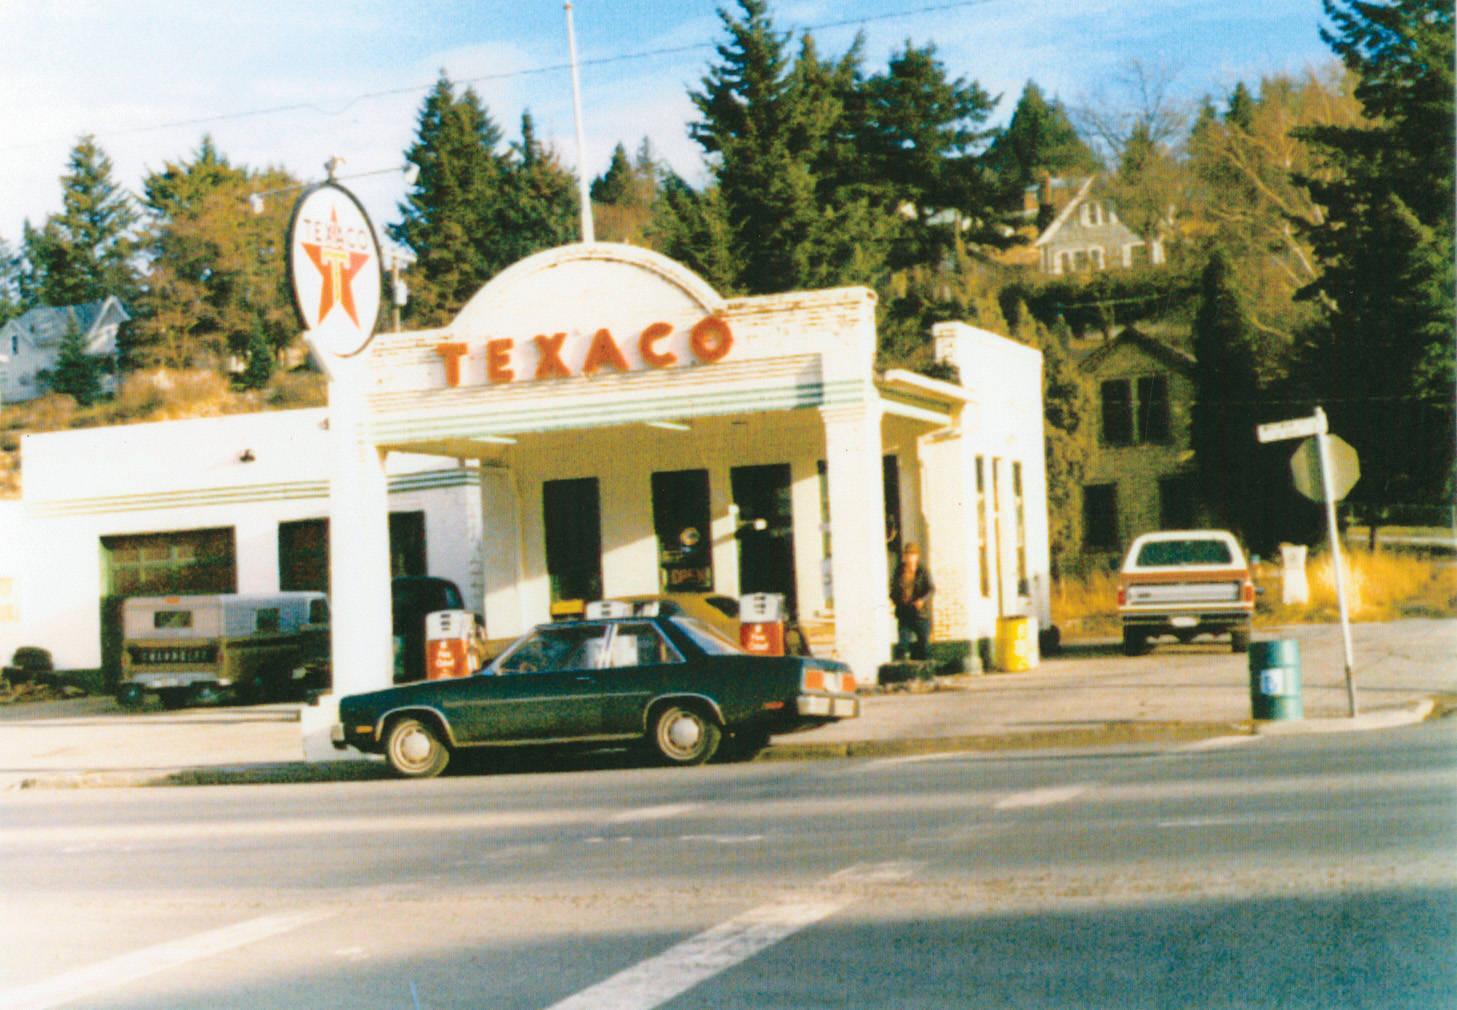 Texaco_station_Rosalia_Washington_1979